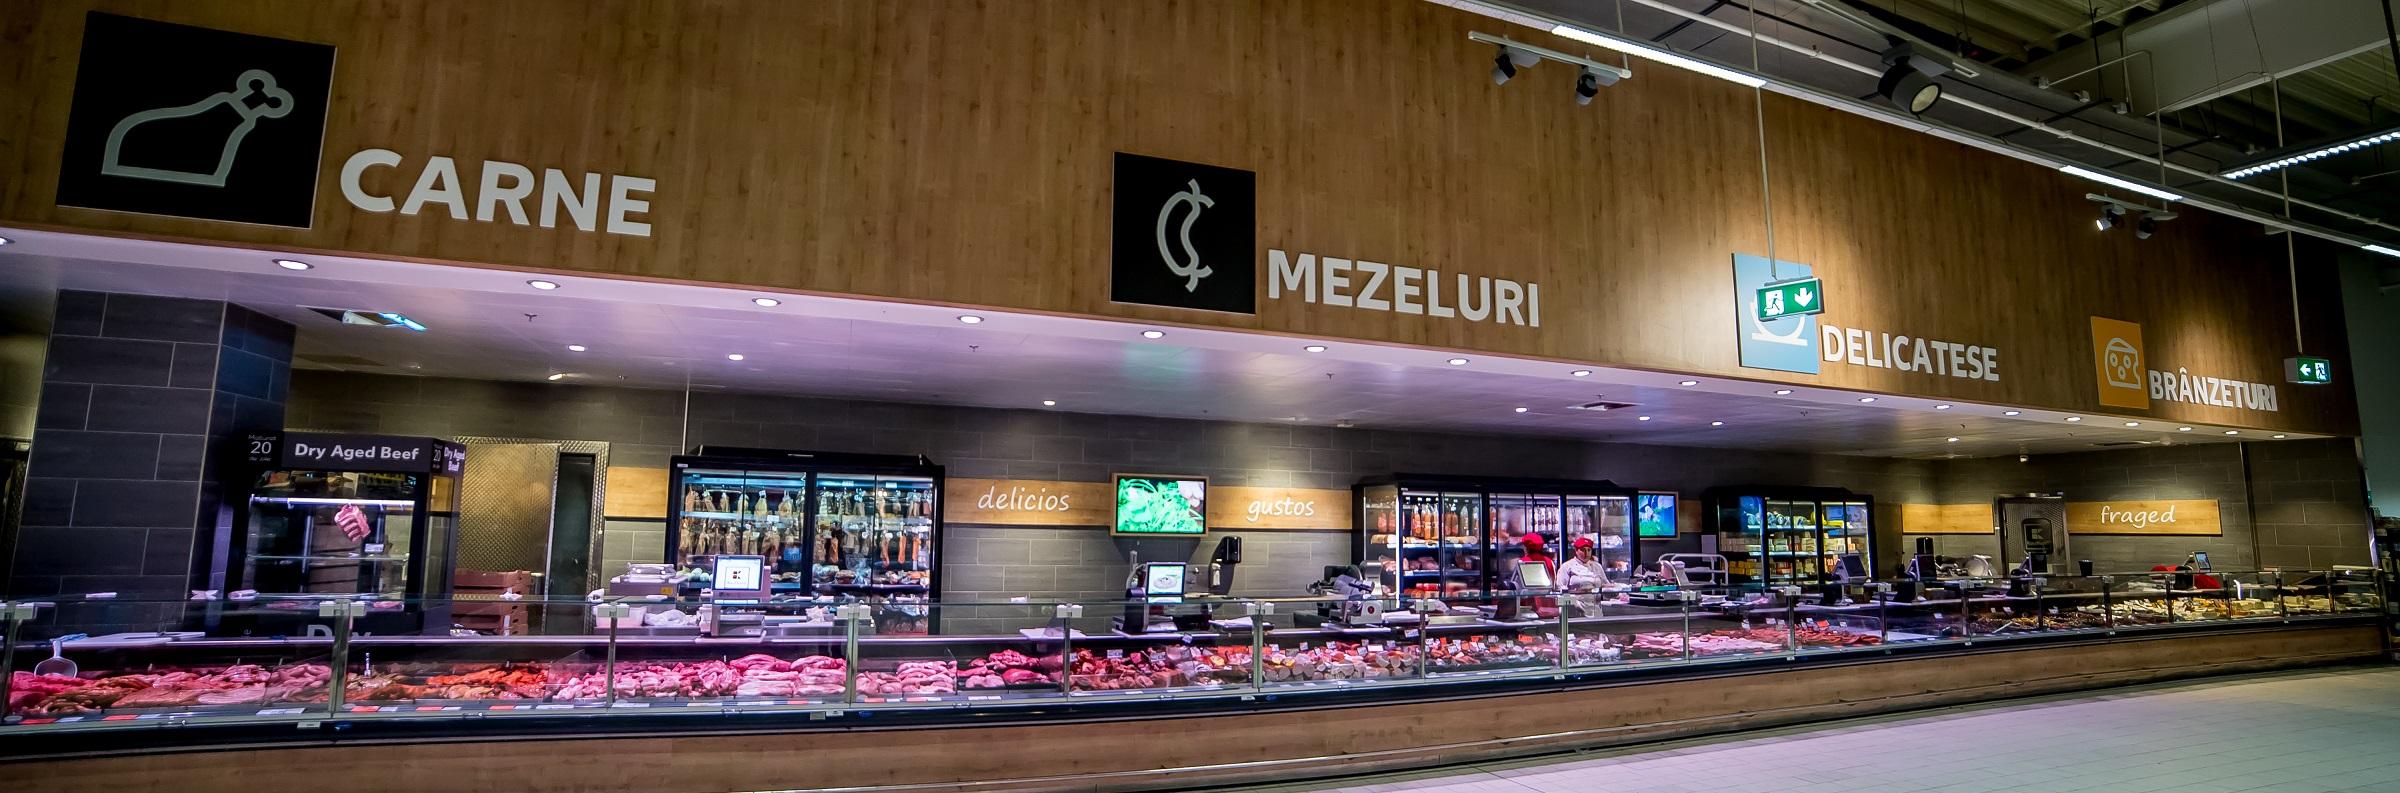 Politicienii fac compromisuri? 50% produse romanesti in supermarketuri, in loc de 51%?